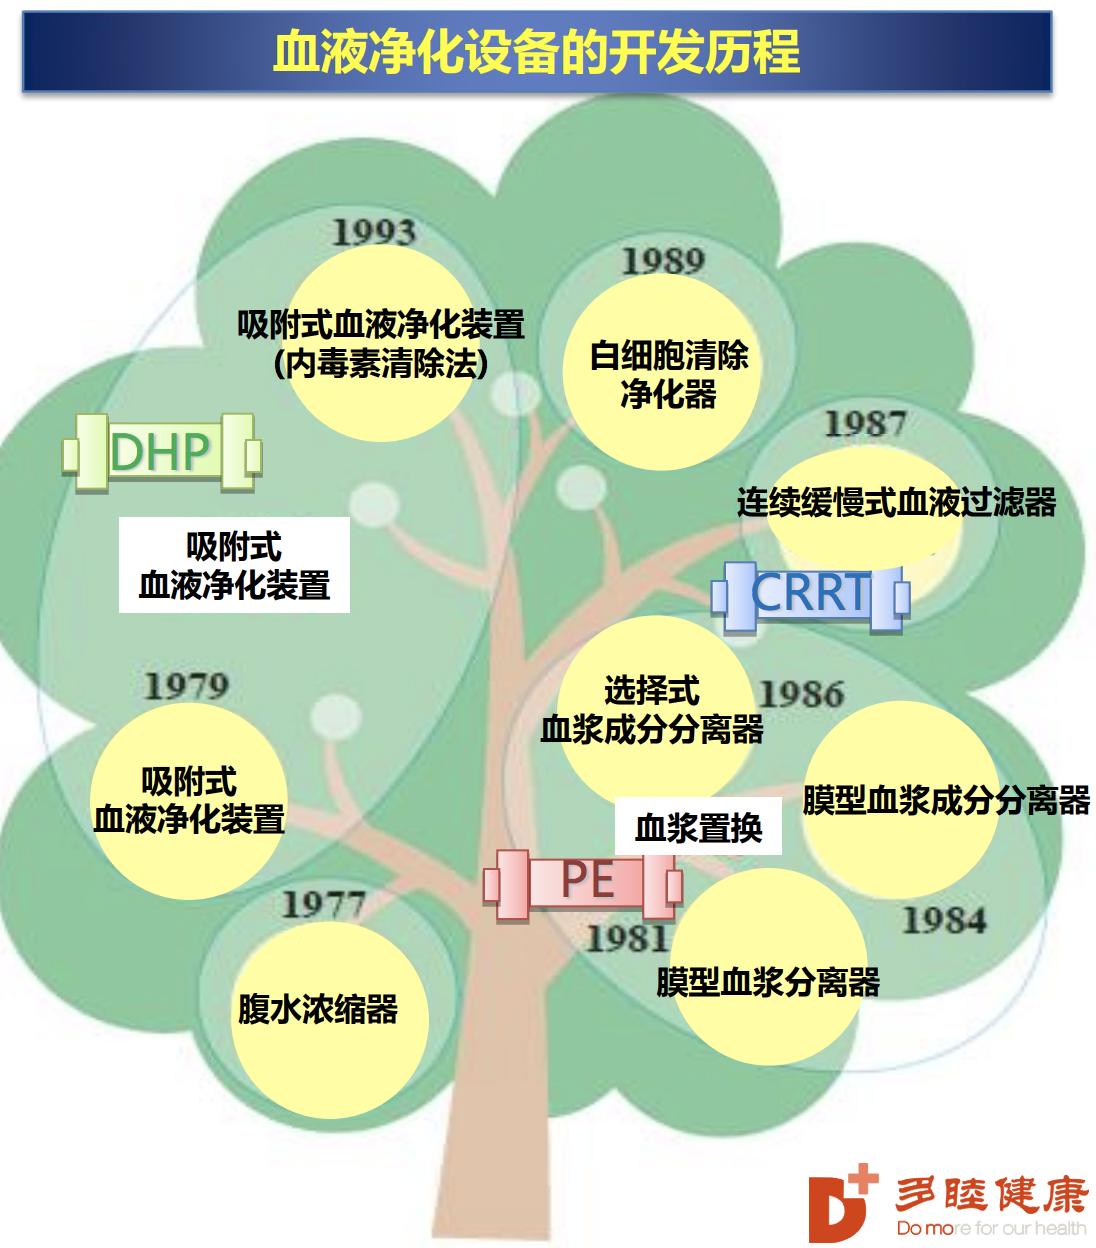 多睦健康|日本血液净化的方法及设备应用